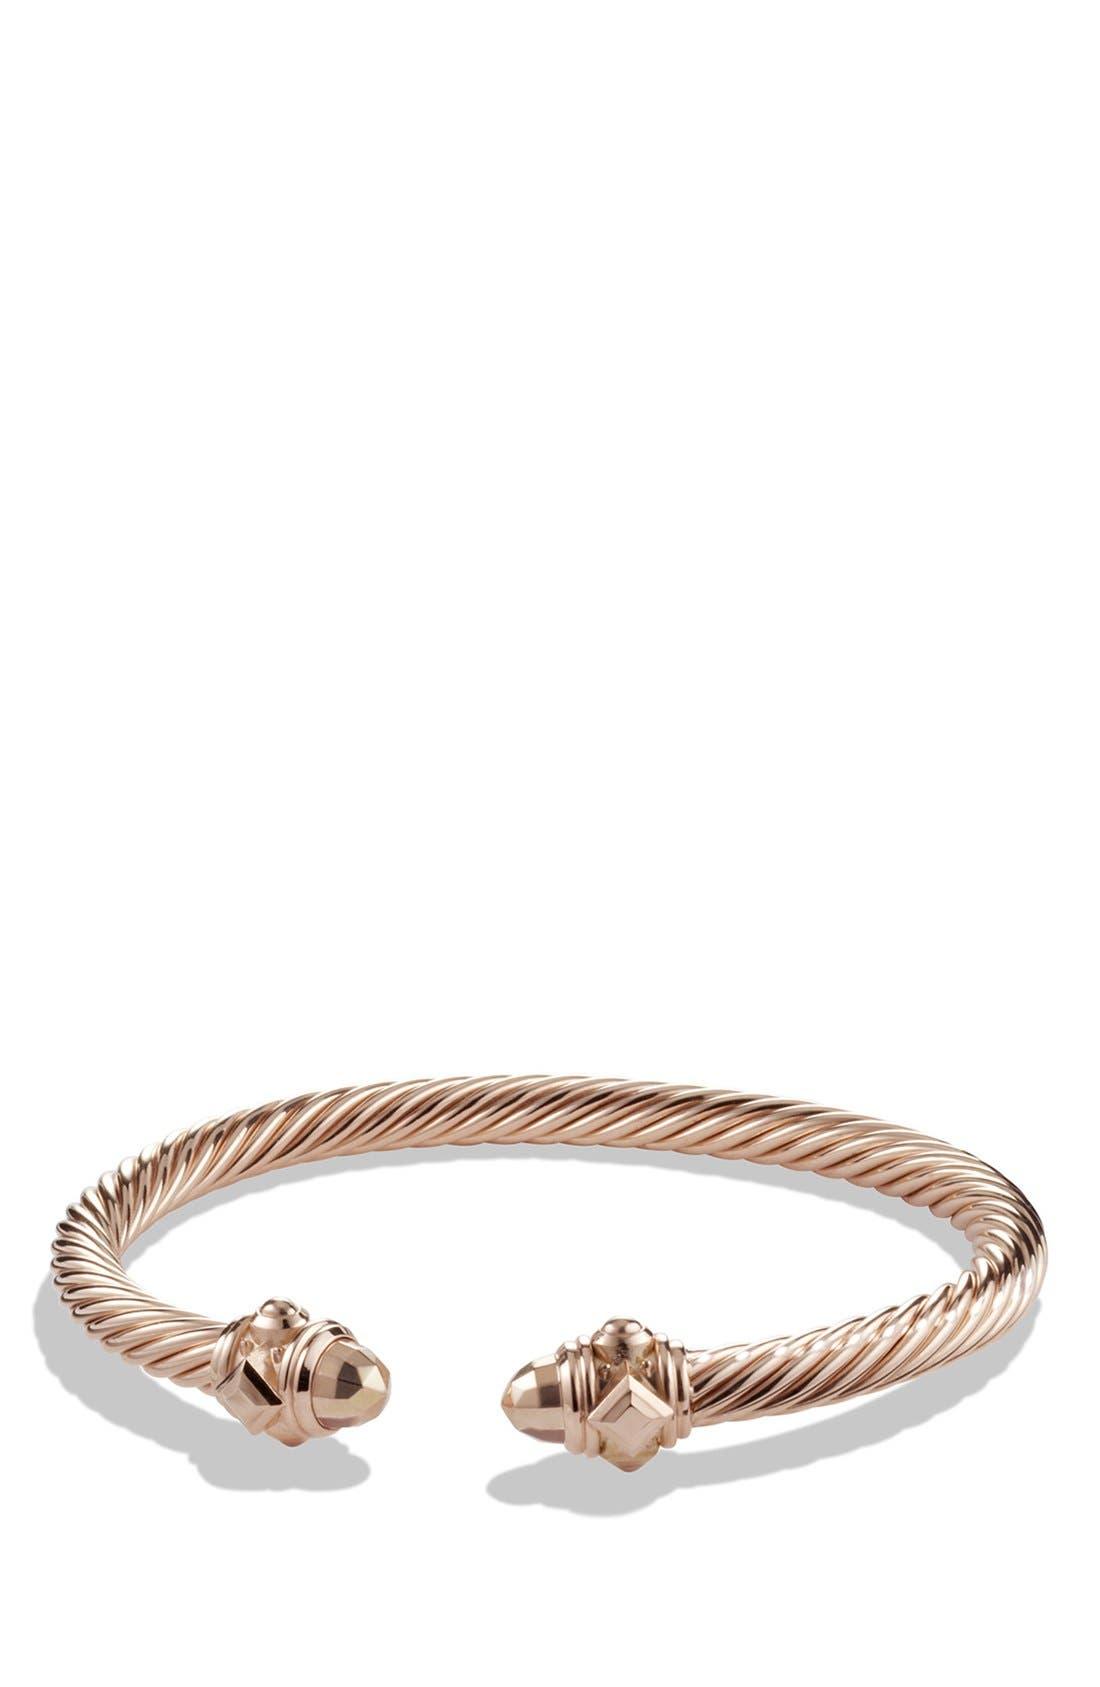 Renaissance Bracelet in 18K Rose Gold, 5mm,                         Main,                         color, ROSE GOLD